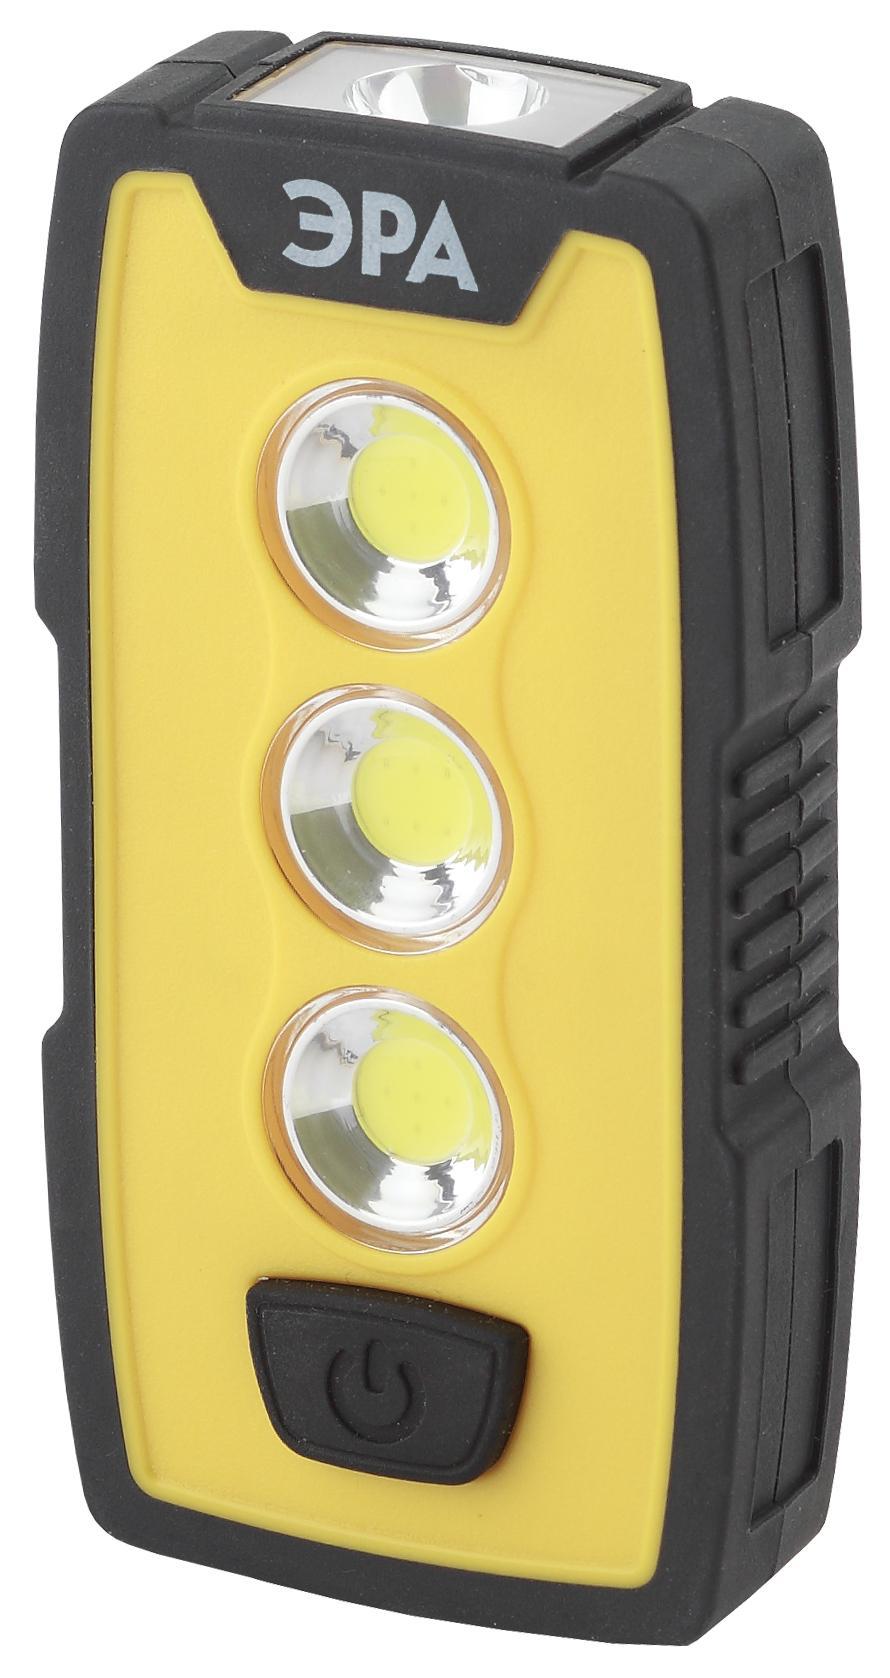 Фонарь ЭРА Rb-802 фонарь брелок эра 1xled с лазерной указкой